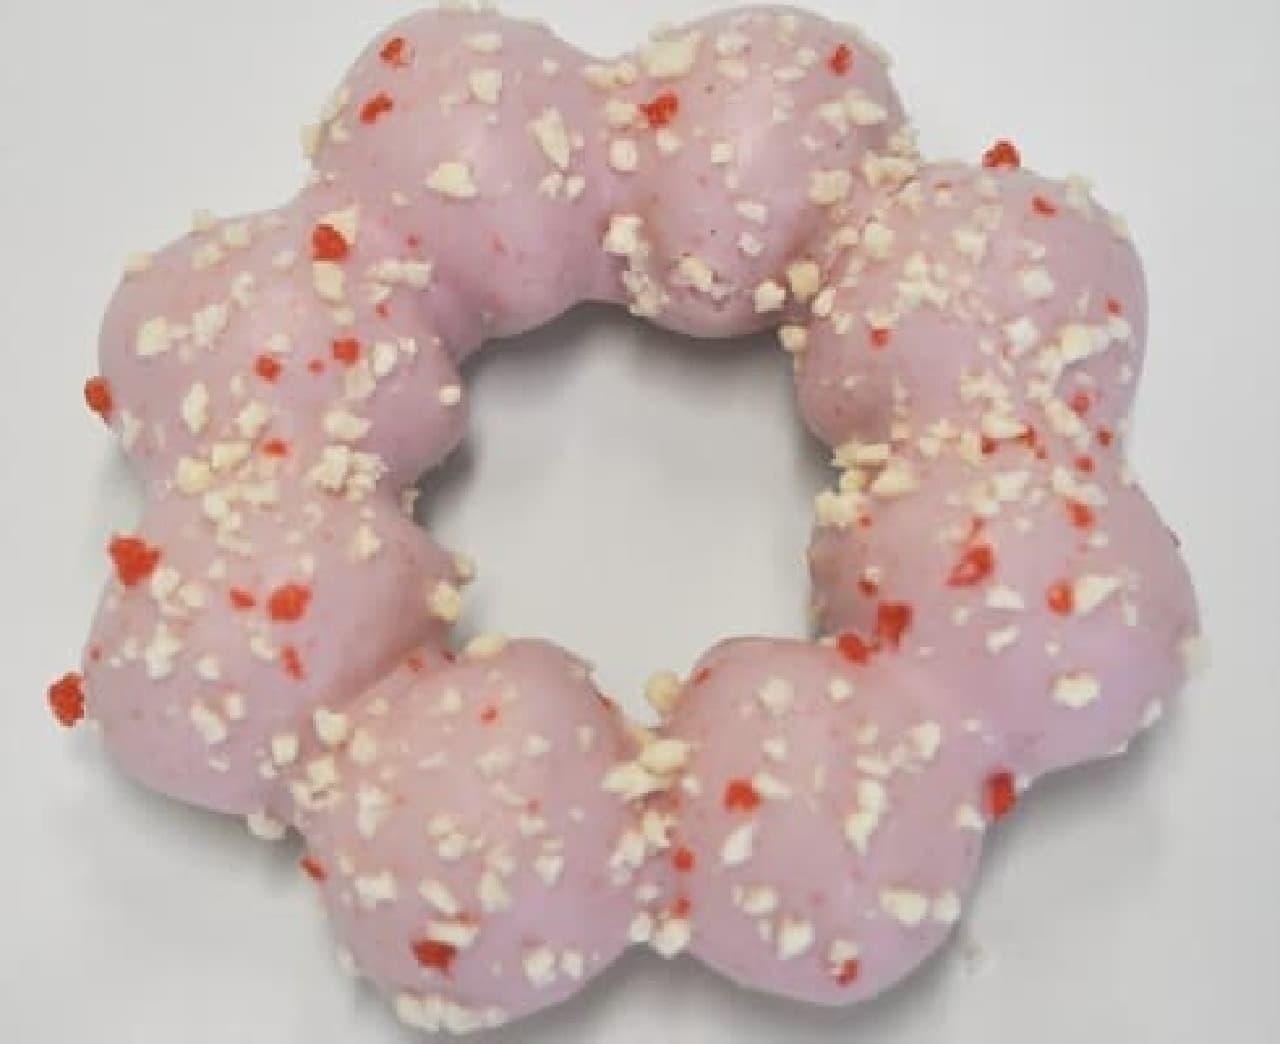 モッチリングドーナツ(いちご味)